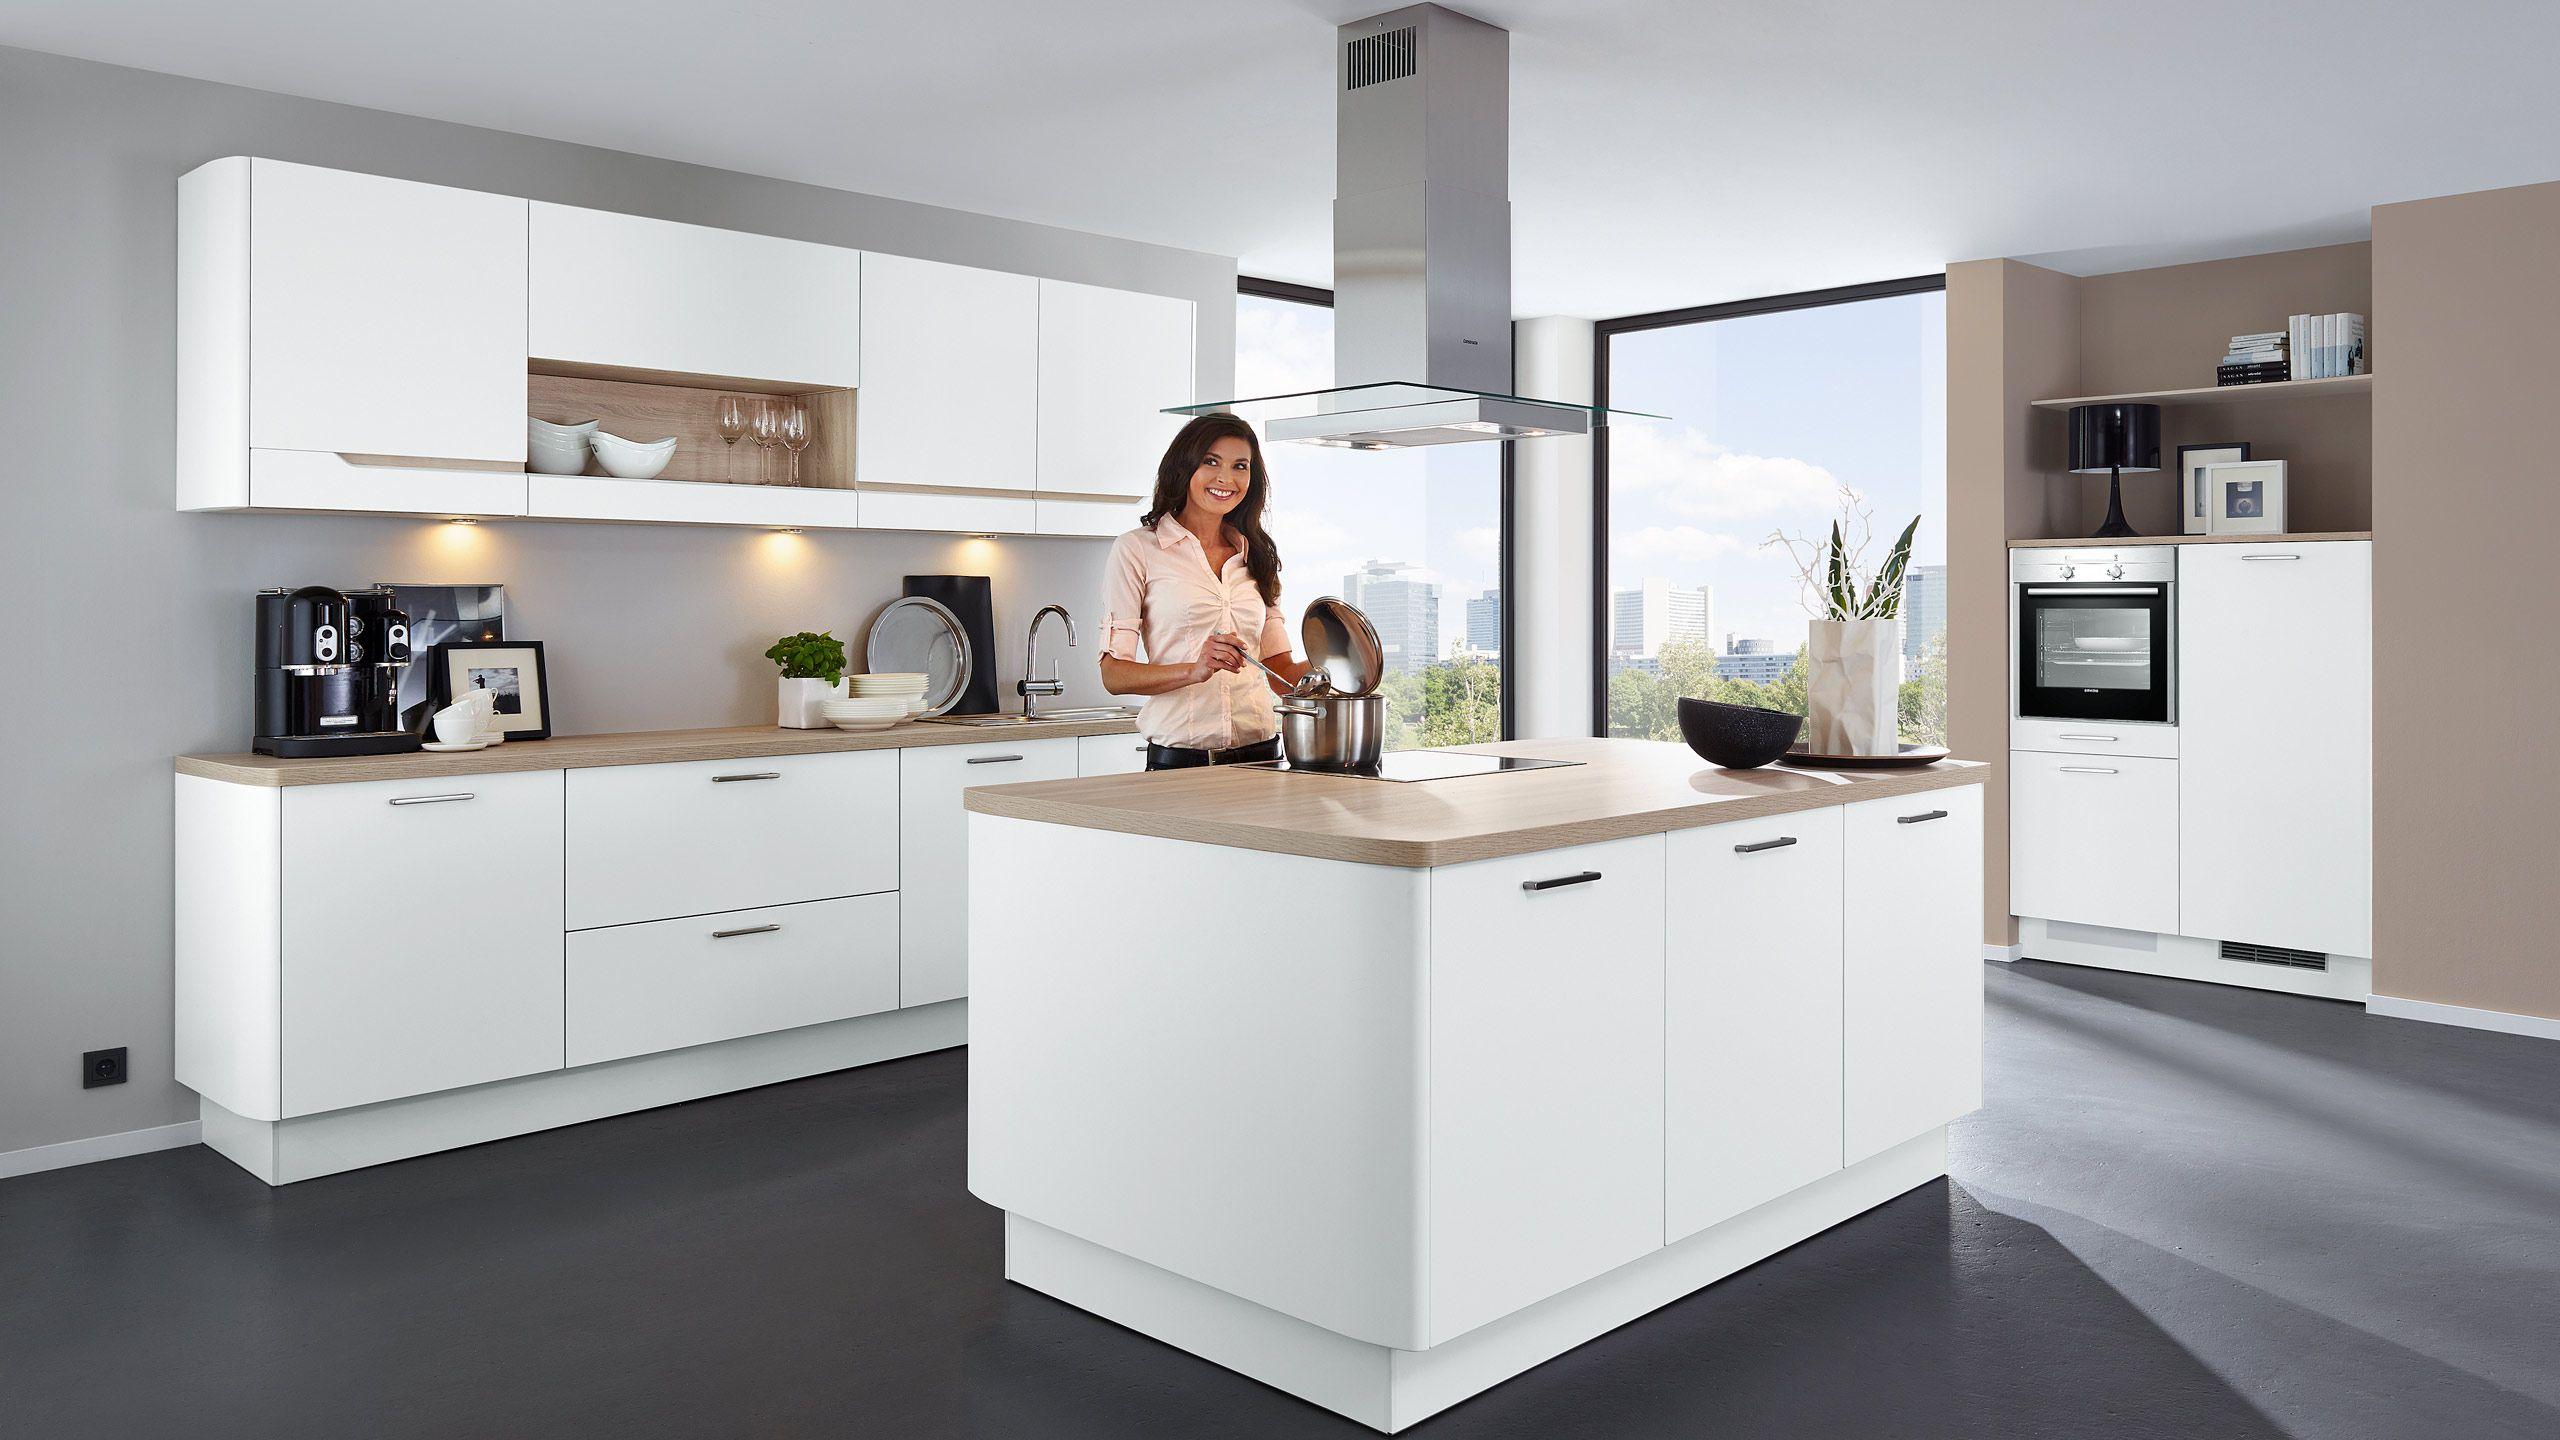 wohnland breitwieser | räume | küche | miniküche, küchenbar, die, Wohnzimmer dekoo